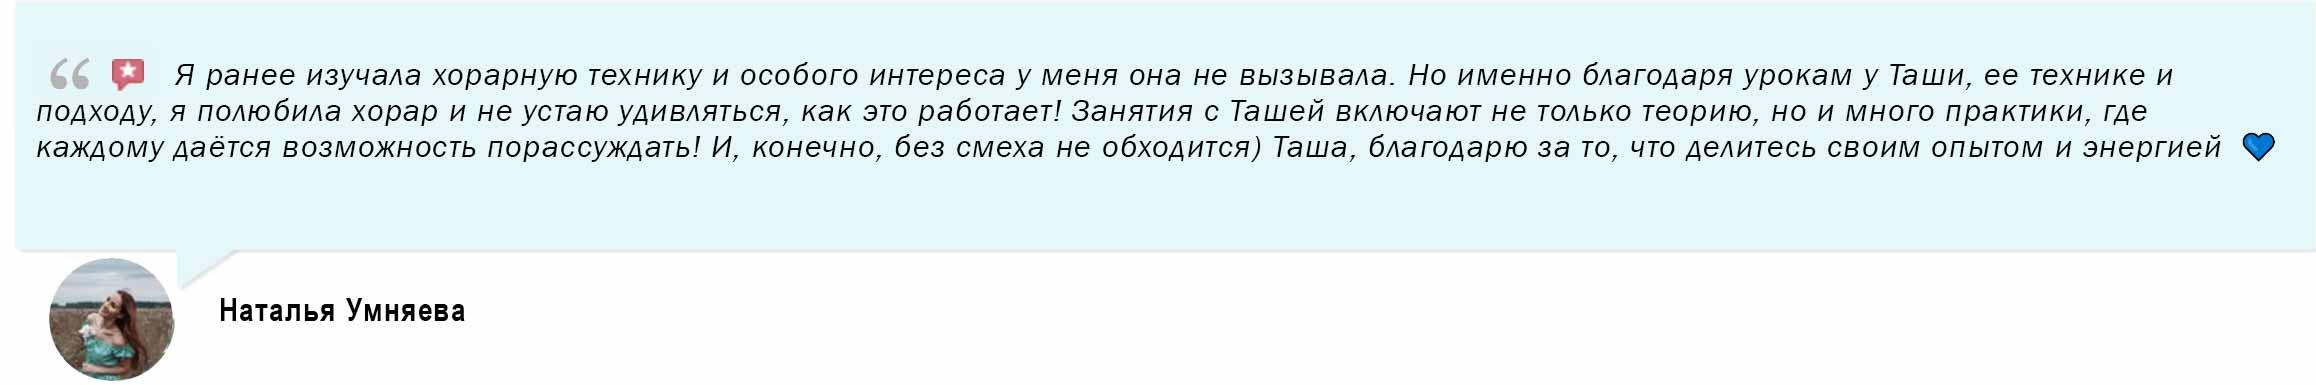 https://astrologtasha.ru/wp-content/uploads/2021/07/отзыв-Умняева.jpg